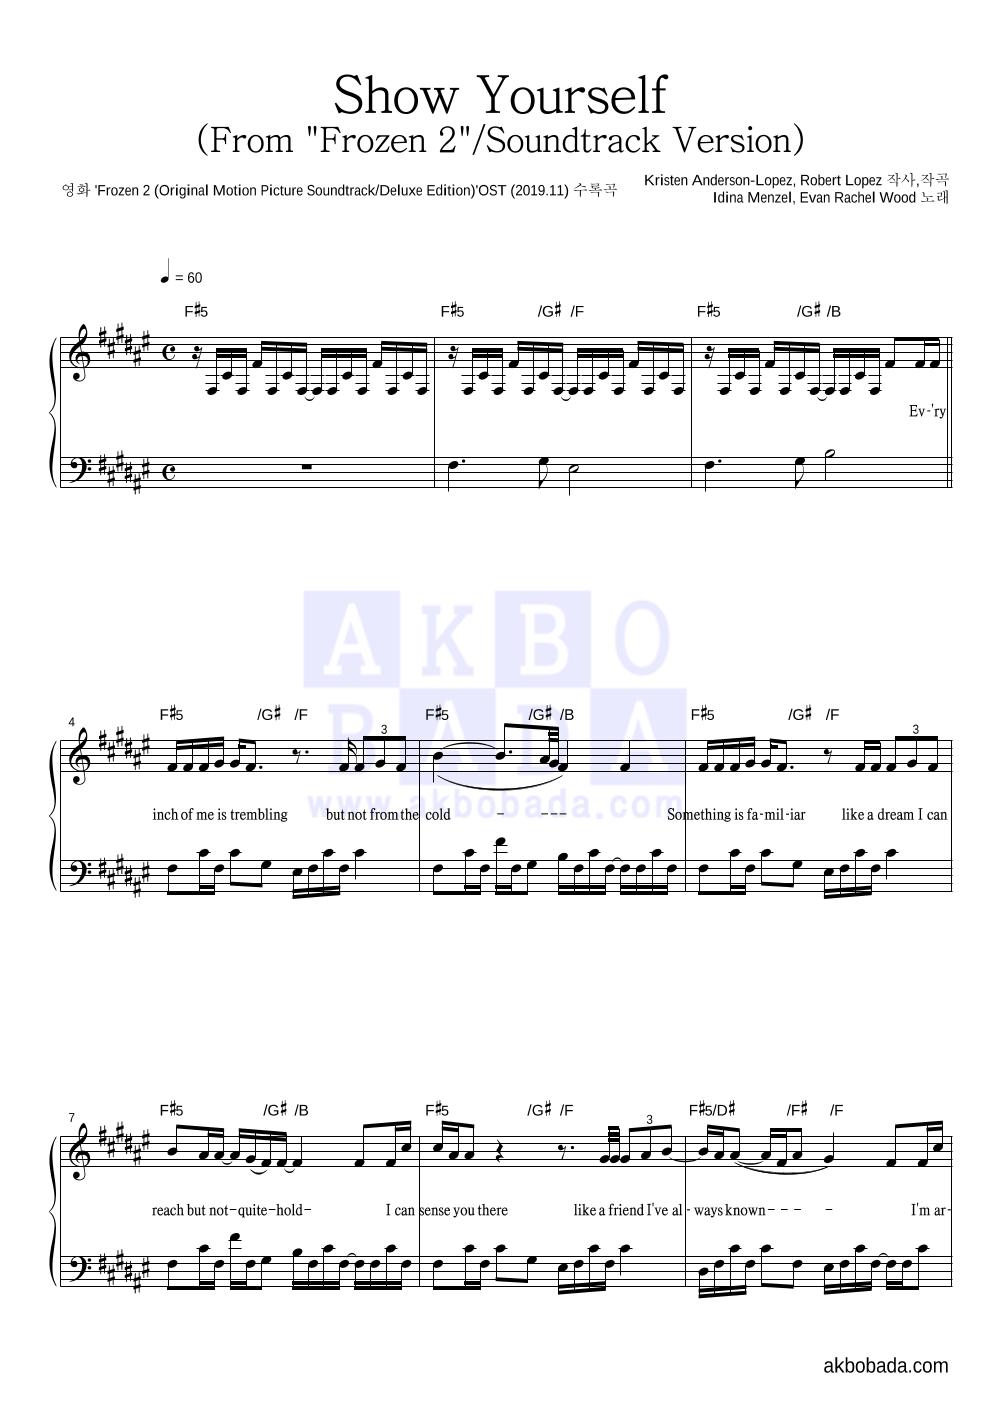 Idina Menzel, Evan Rachel Wood - Show Yourself 피아노 2단 악보